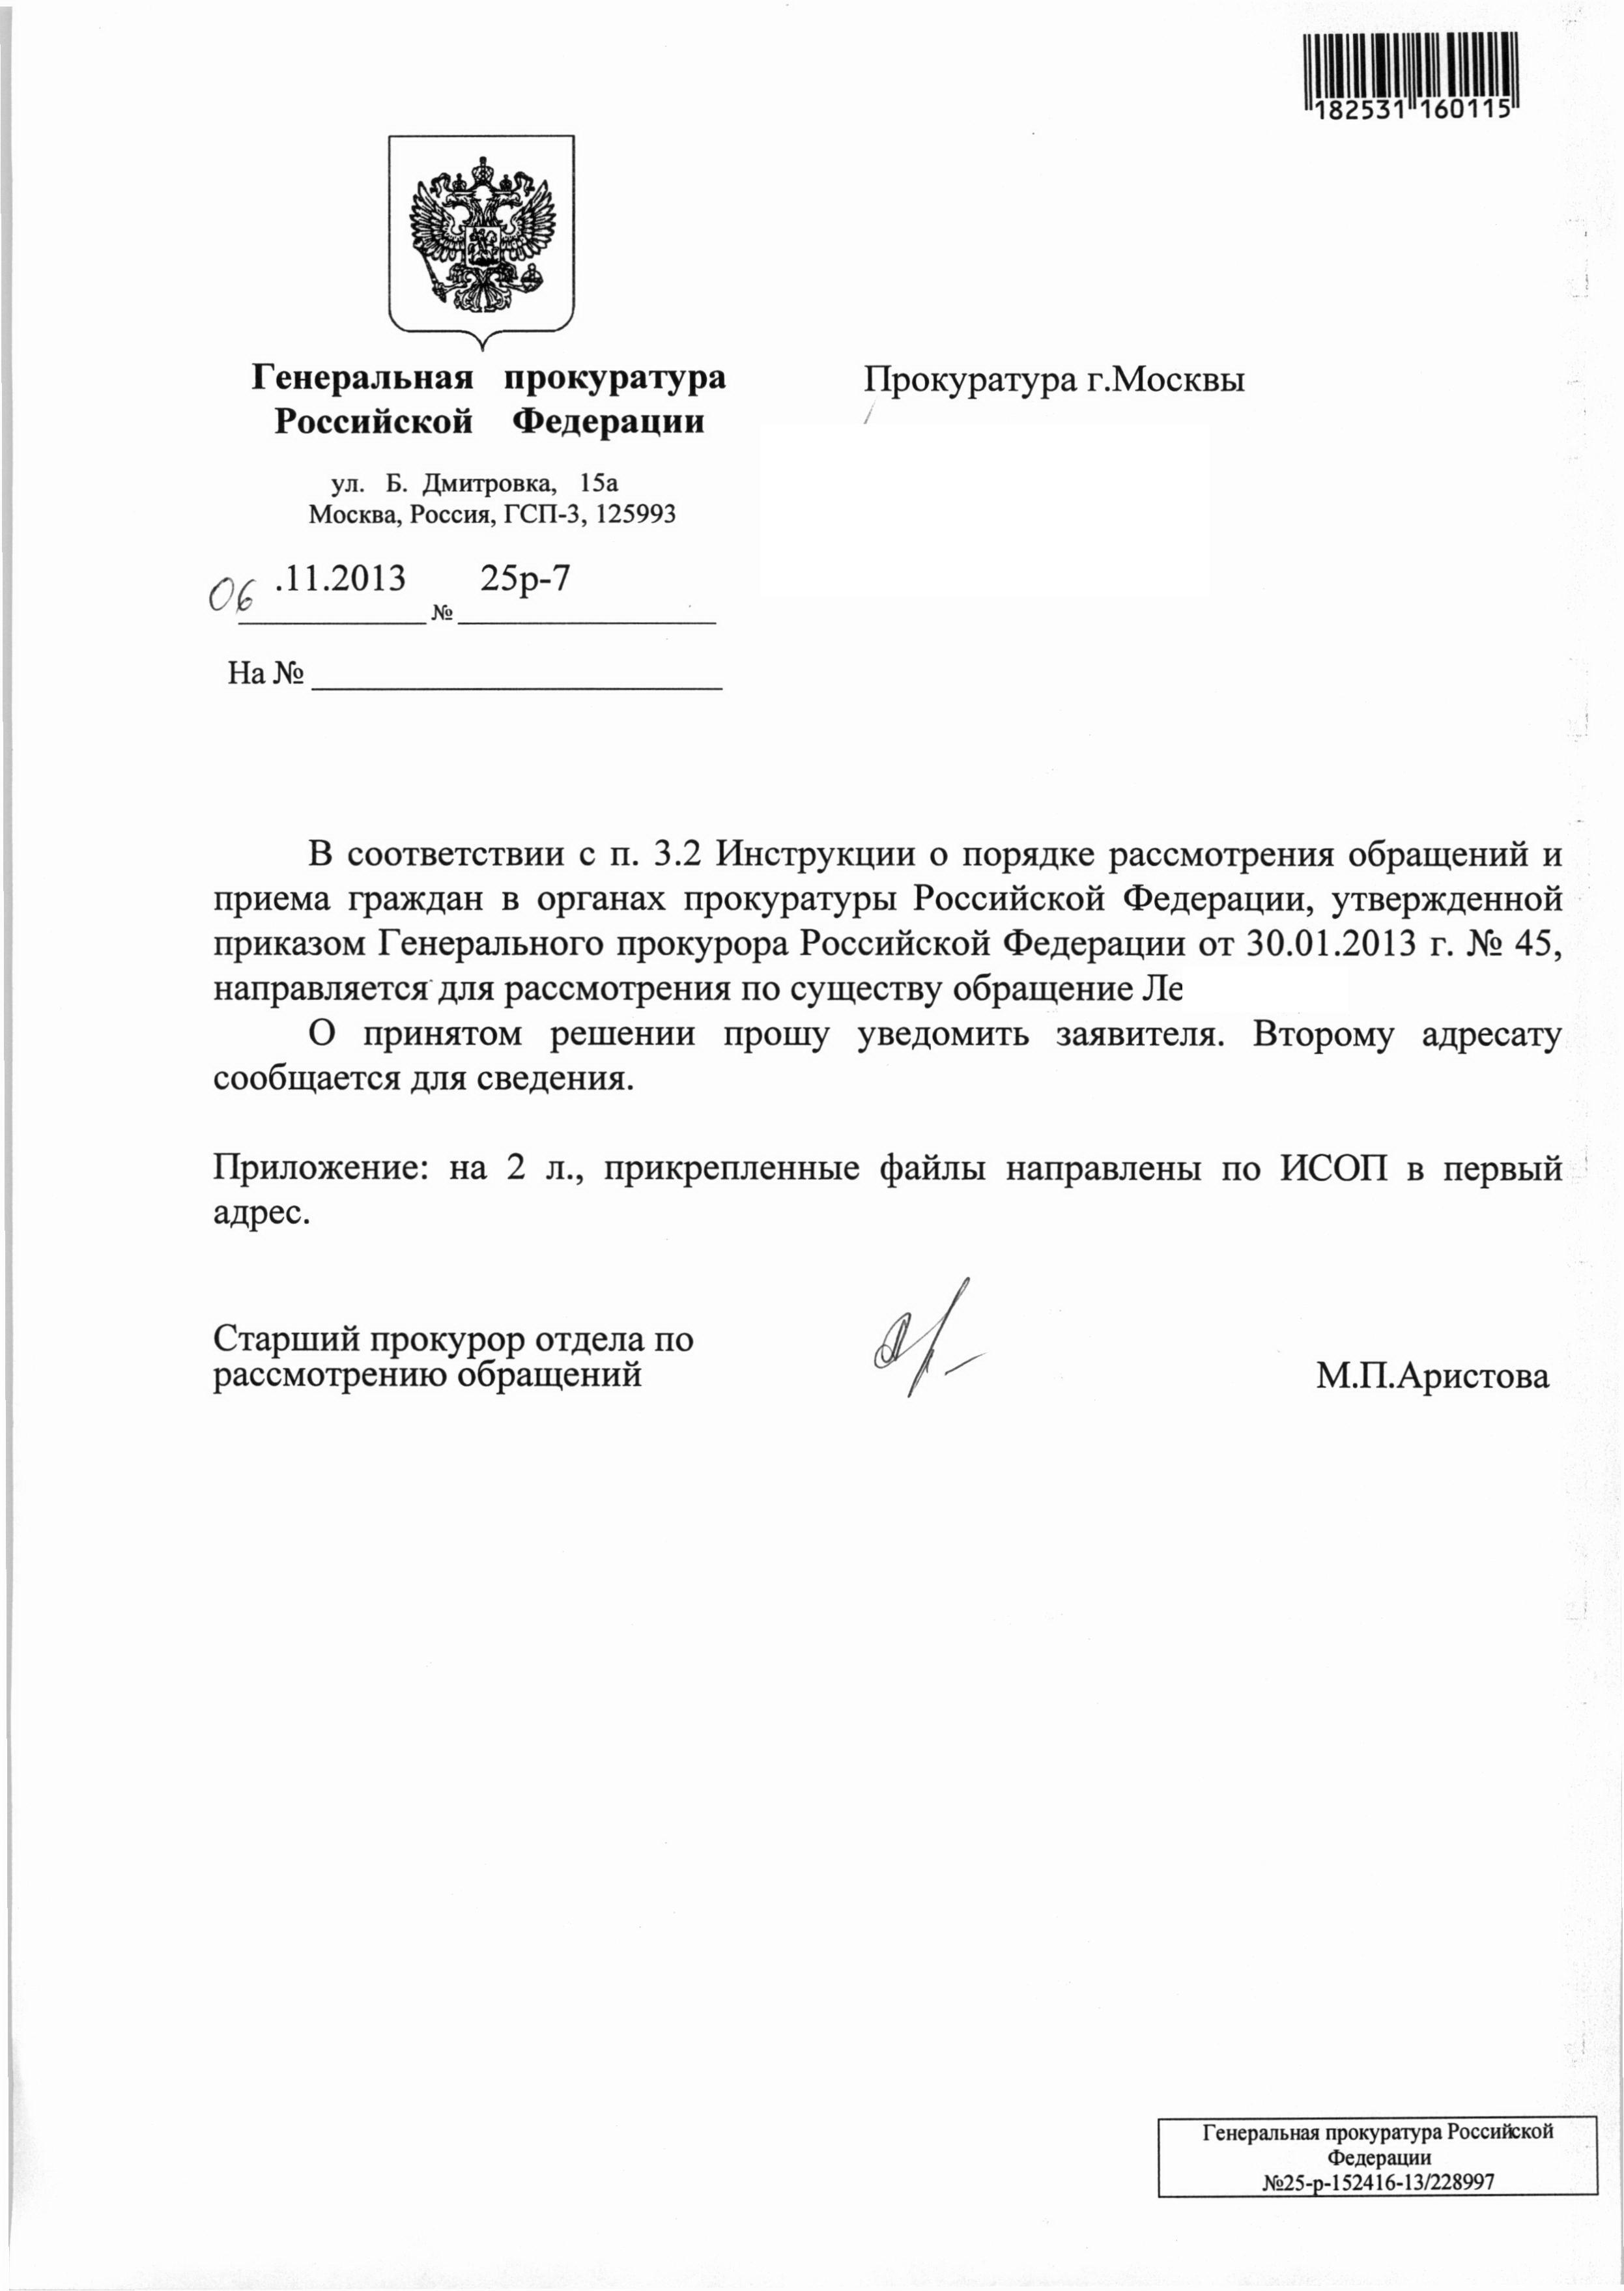 ответ прокурора на заявление гражданина образец